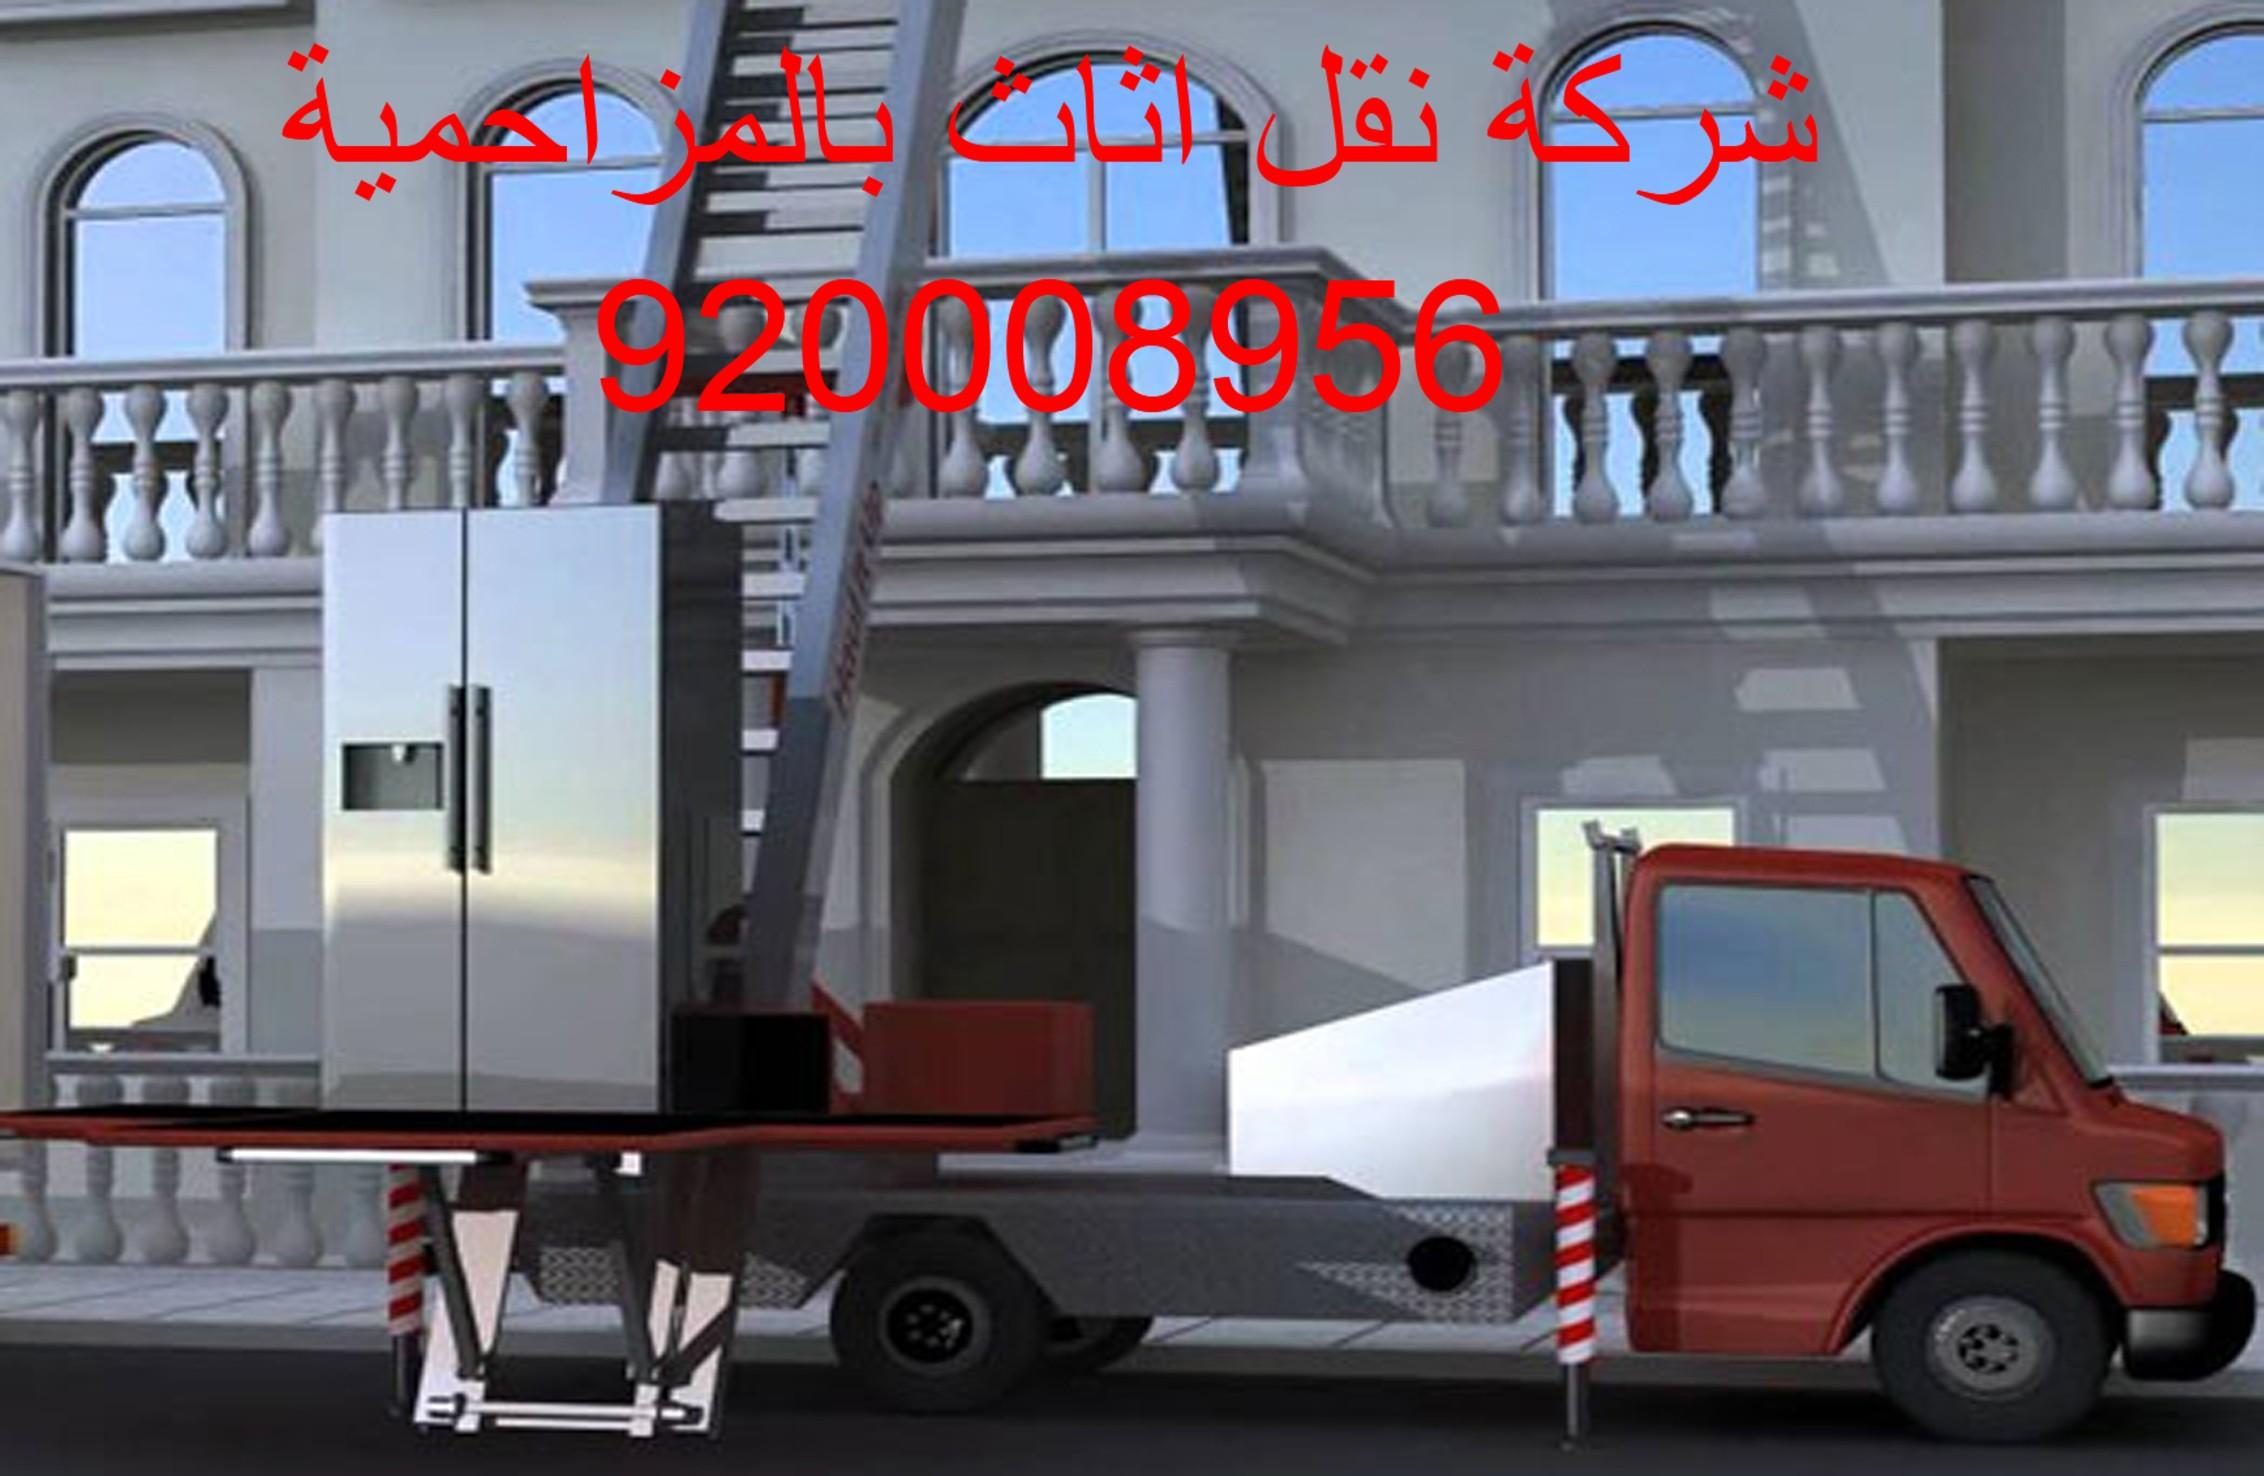 شركة نقل اثاث بالمزاحمية